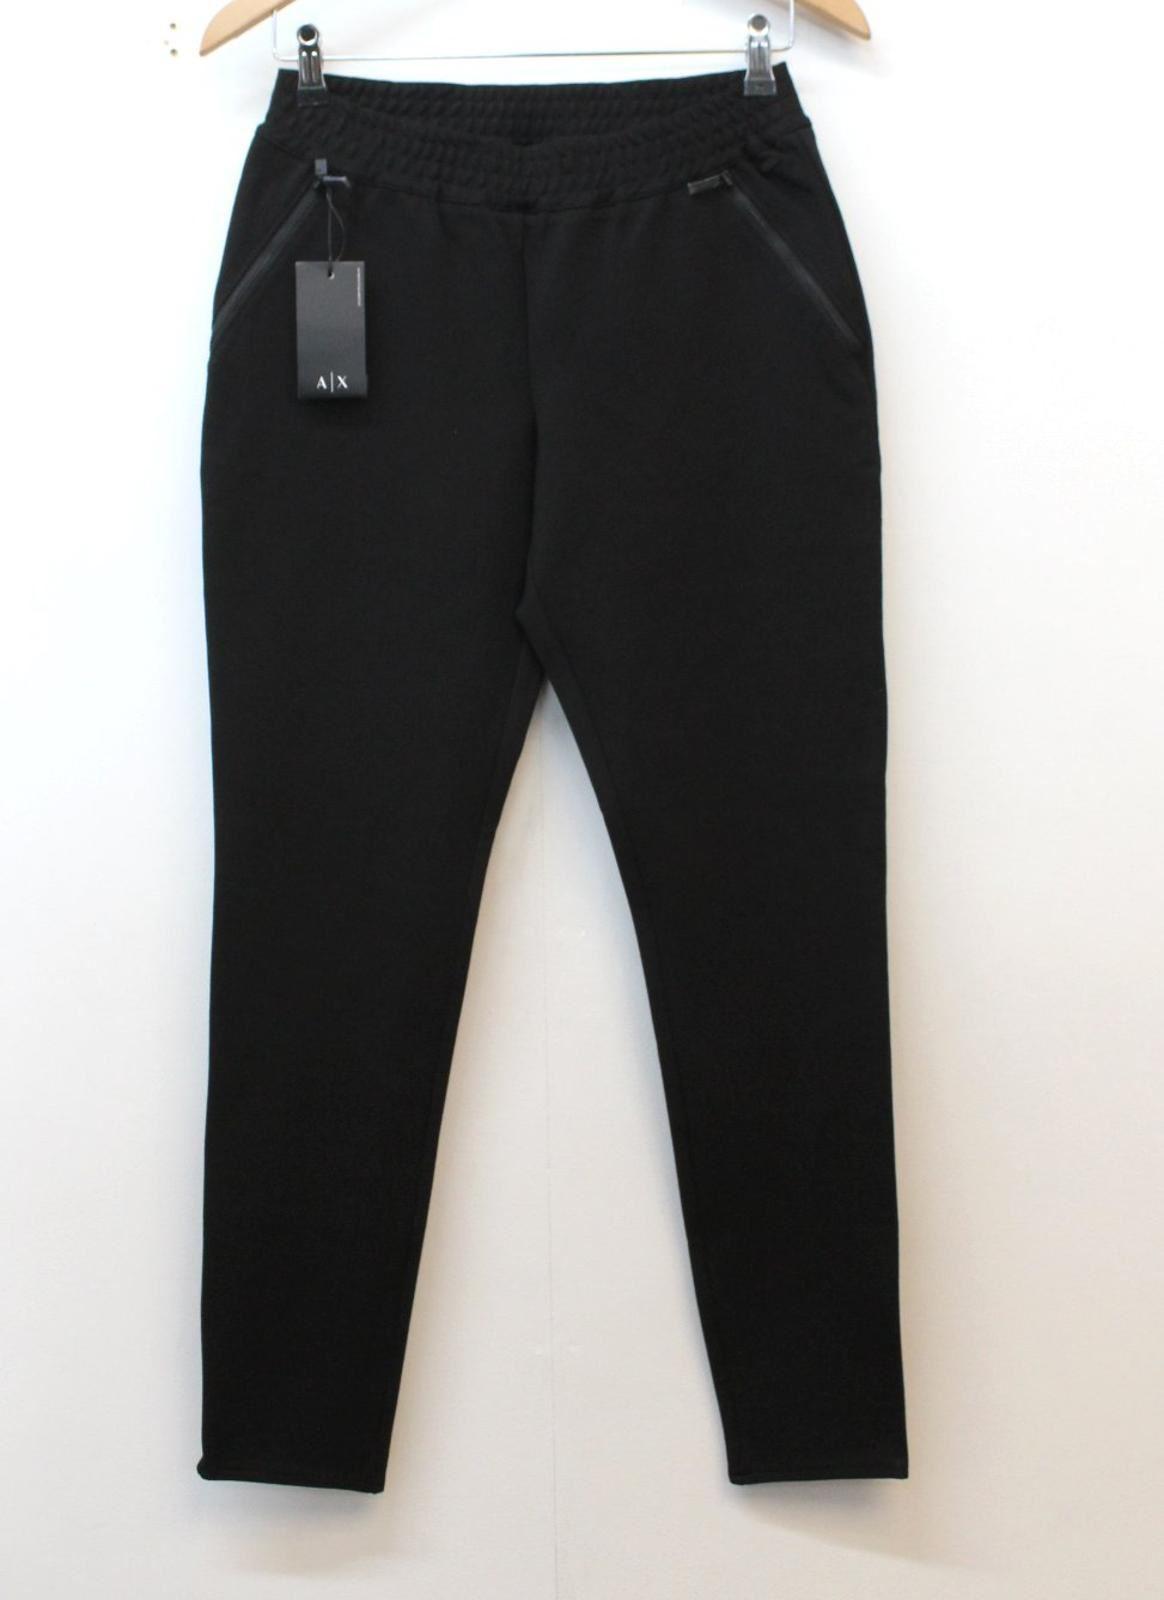 Armani Exchange Femme Noir Taille élastique Jogger Casual Pantalon S W25 L27 Bnwt